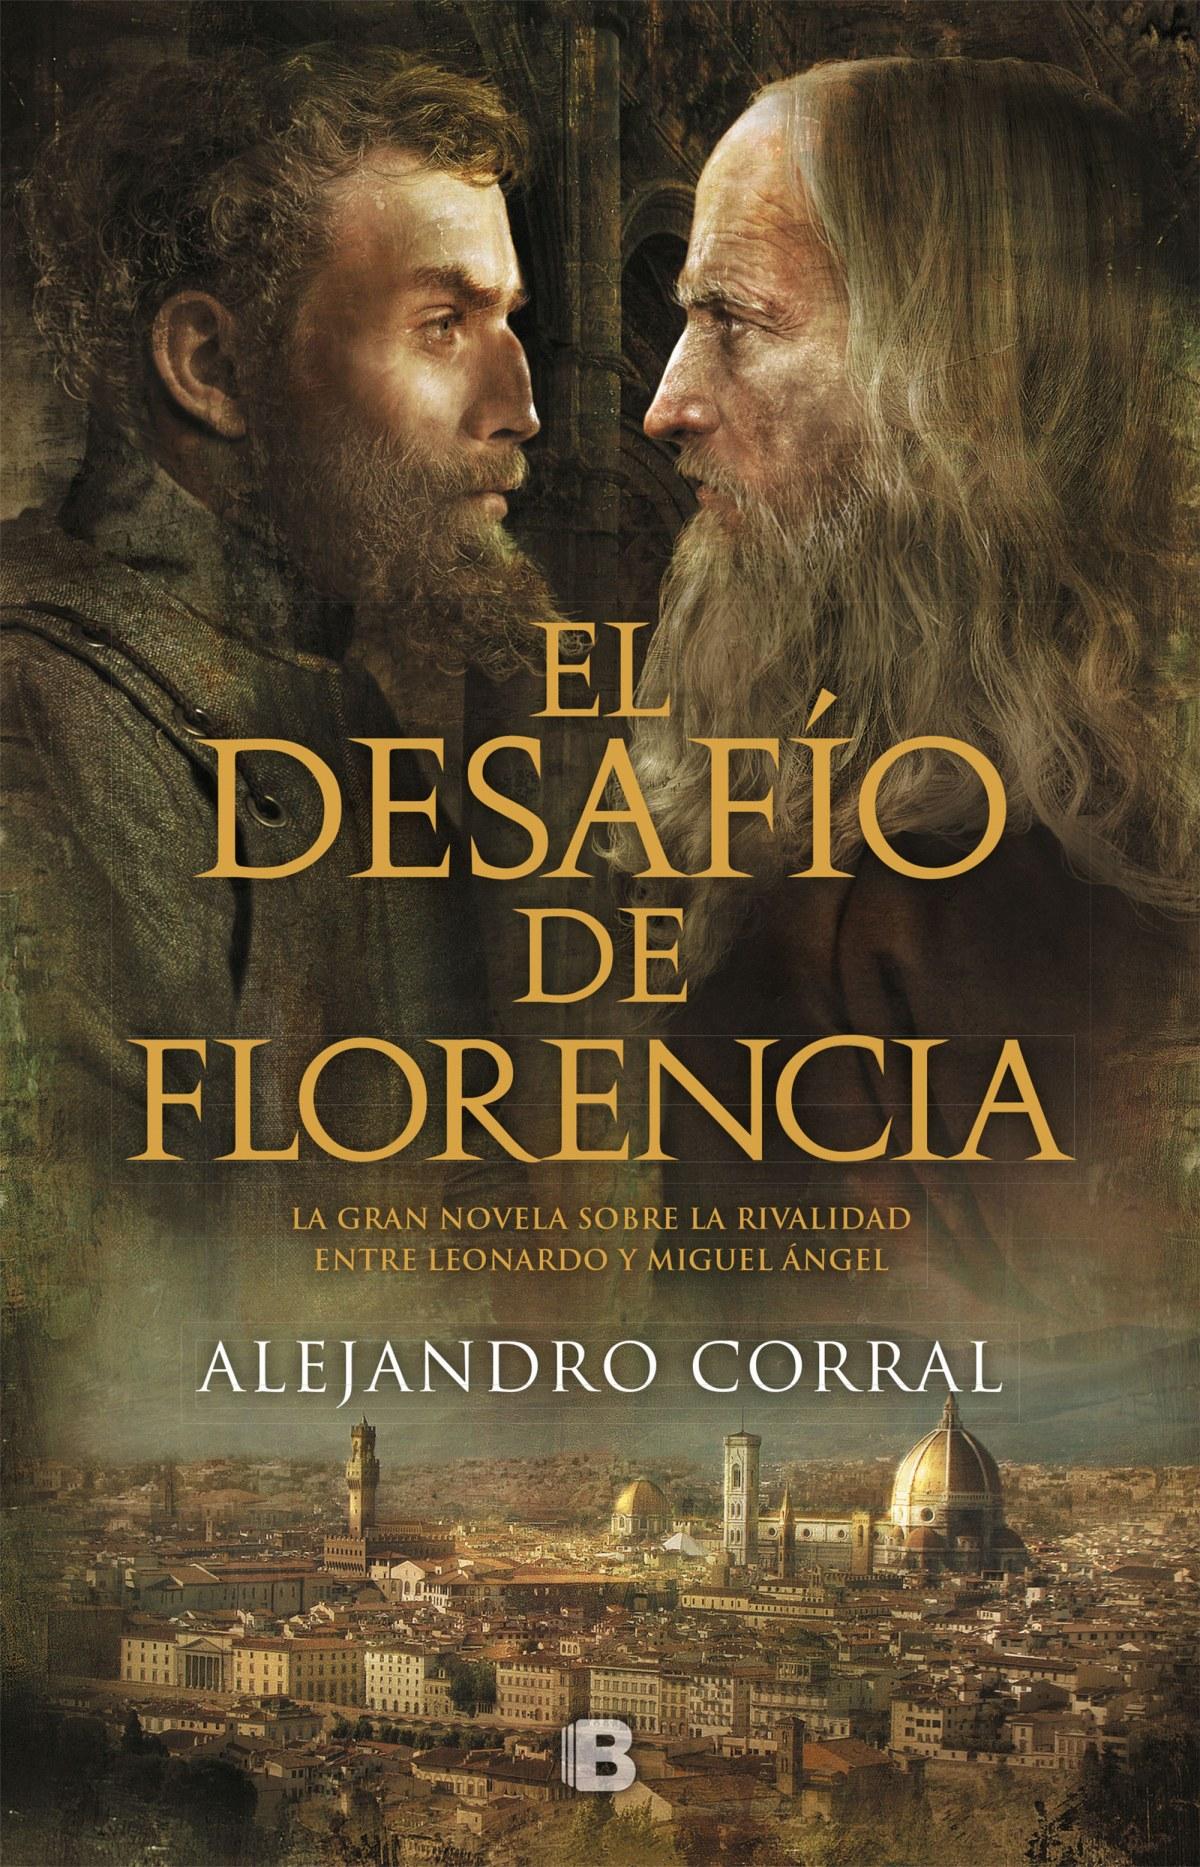 EL DESAFIO DE FLORENCIA 9788466664769